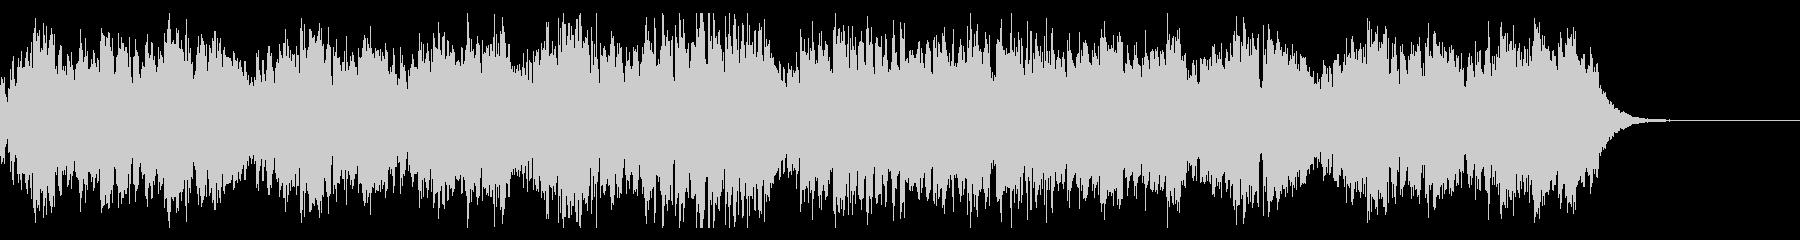 歪ギターが炸裂するアップテンポの上げ曲の未再生の波形